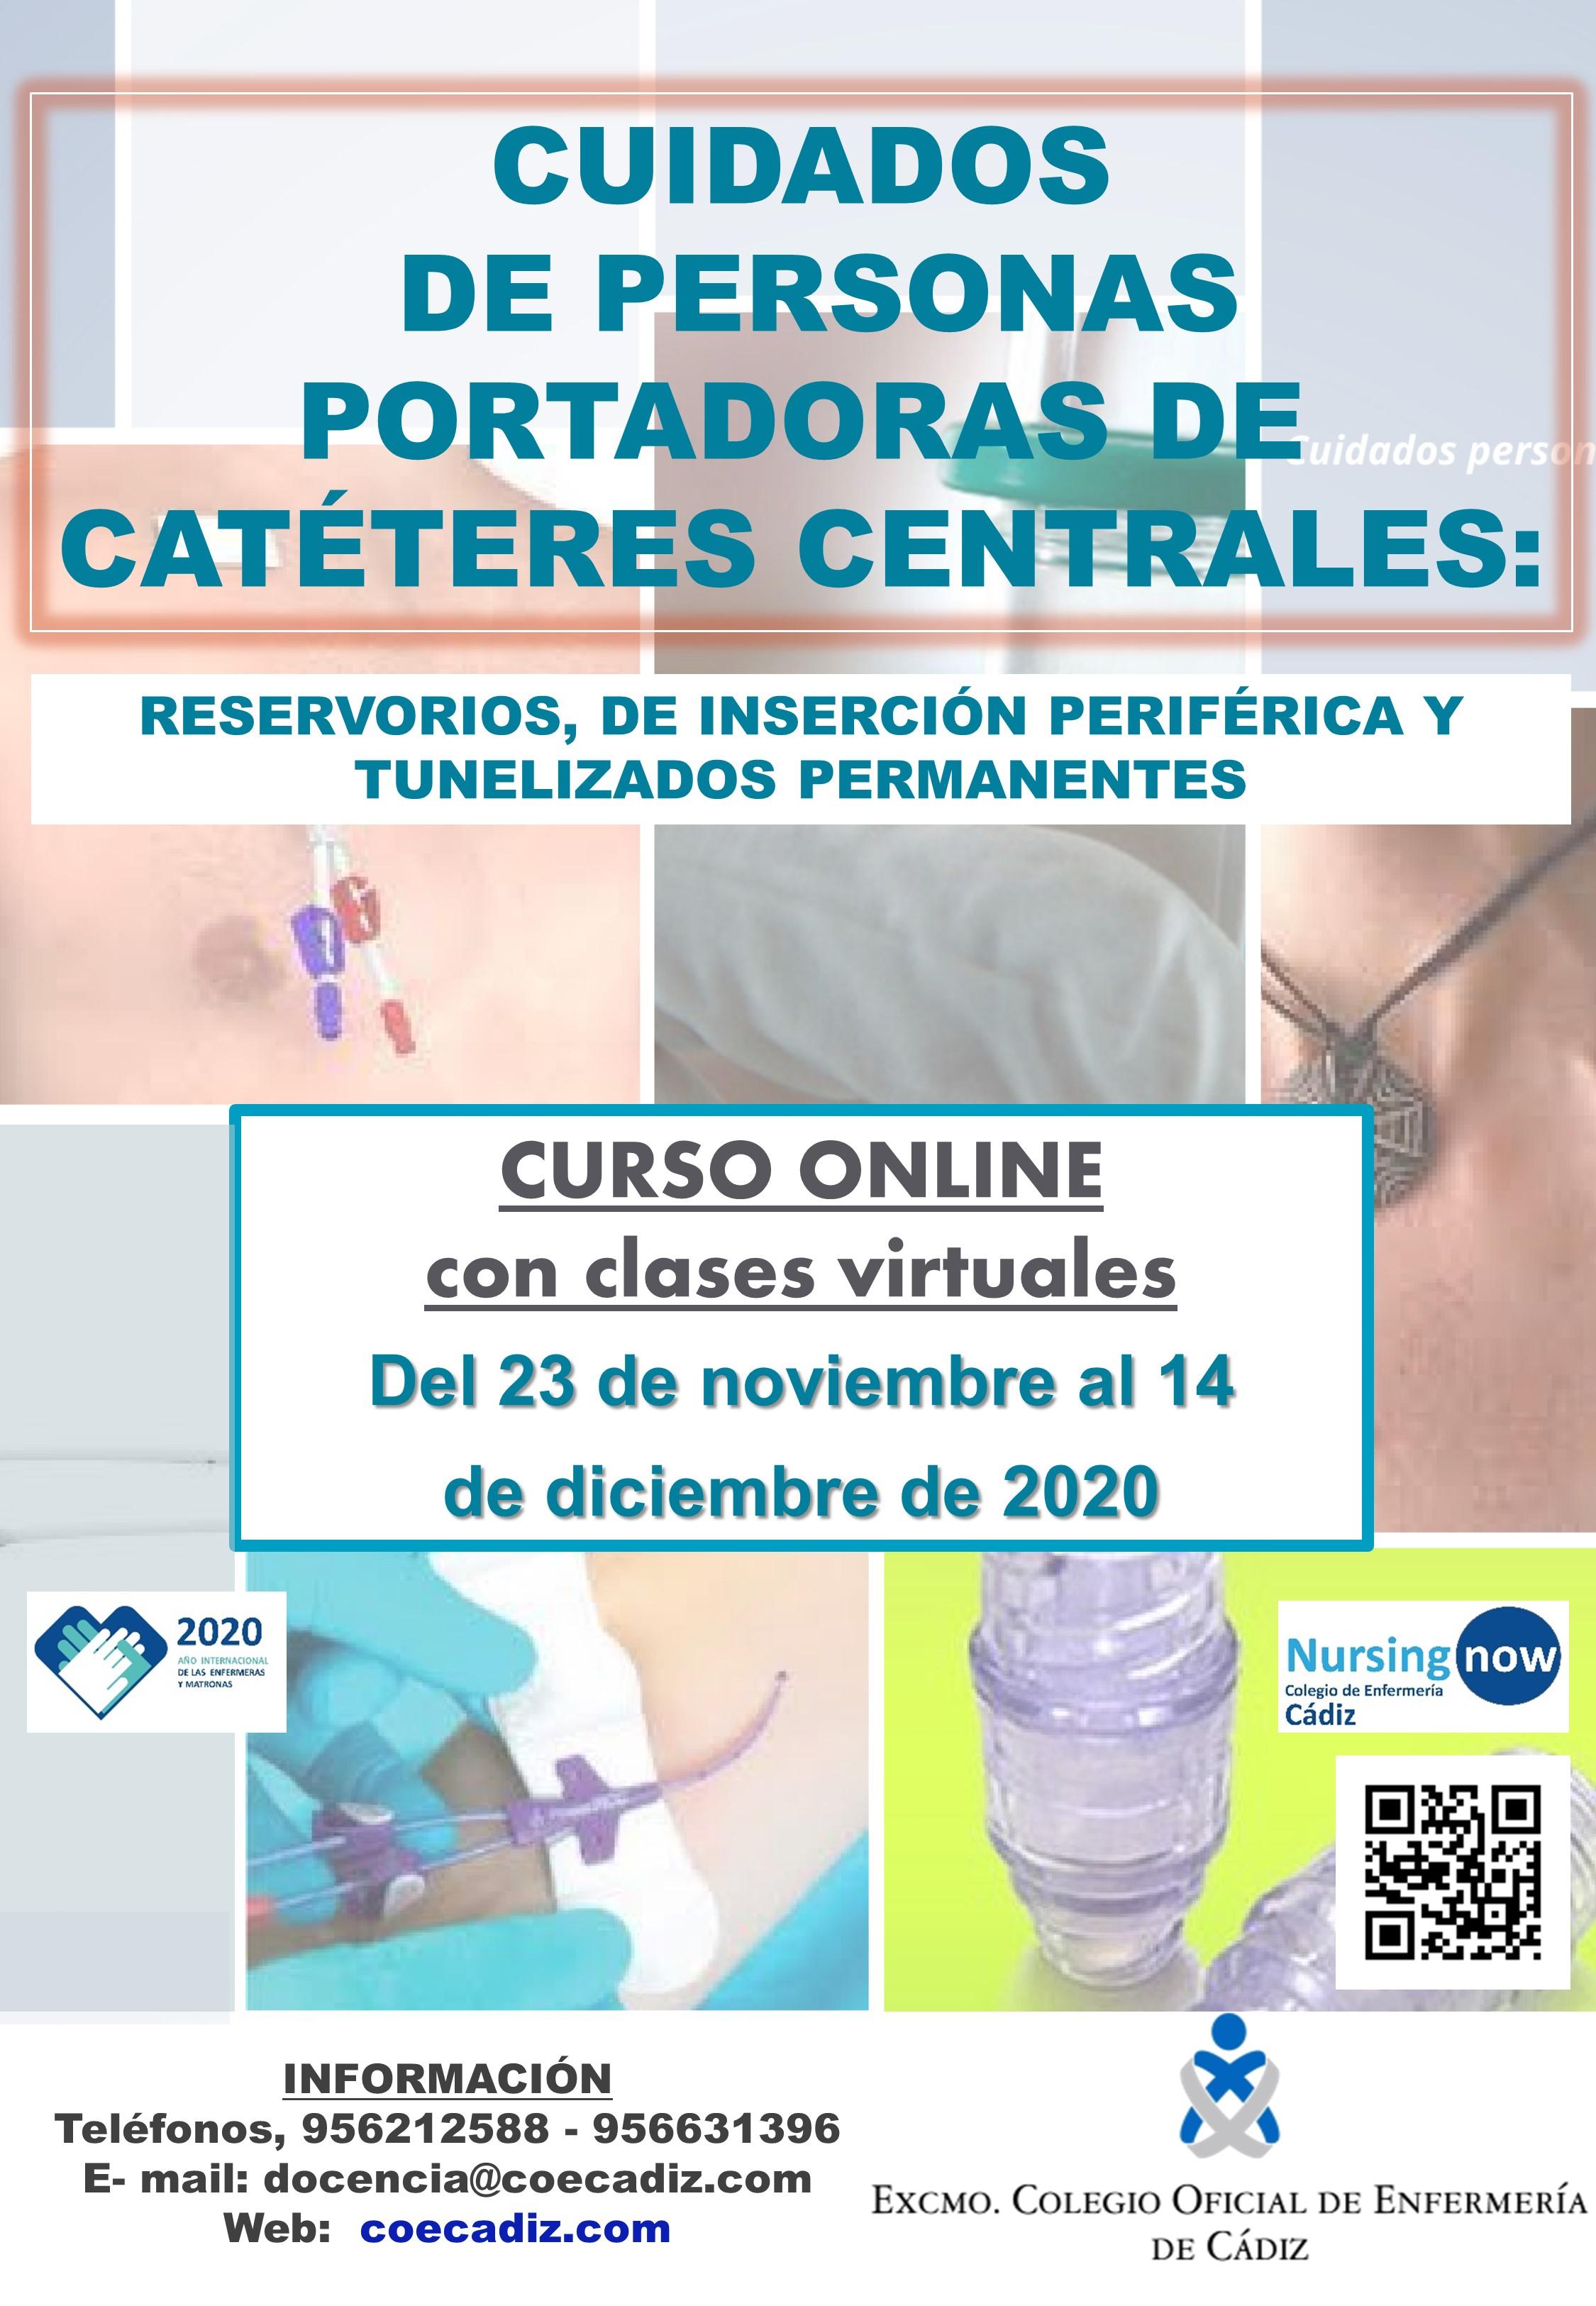 Cuidados de personas portadoras de catéteres centrales: reservorios, de inserción periférica, y tunelizados permanentes